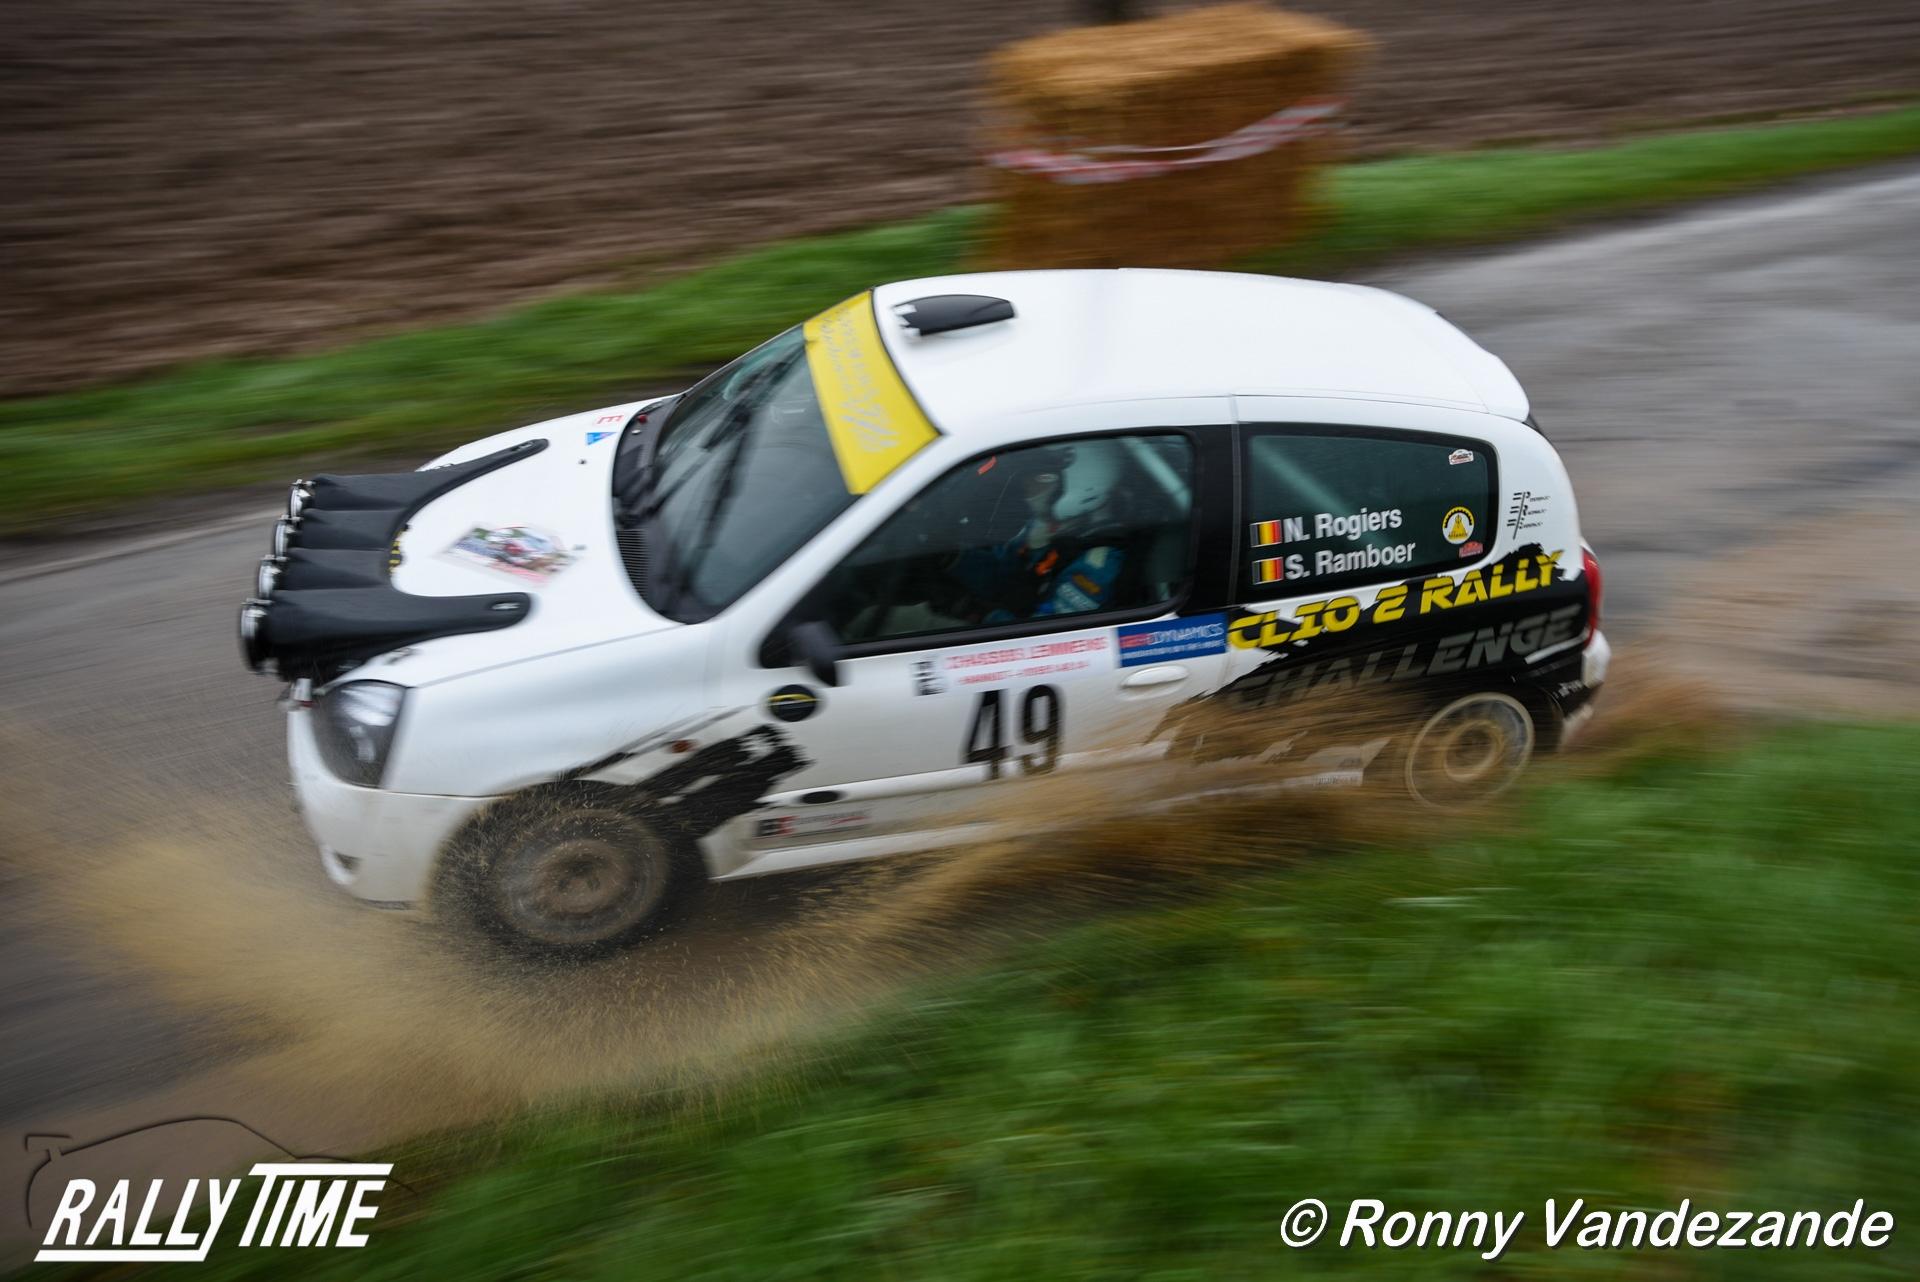 Geslaagde Rally van Hannuit voor Rogiers – Ramboer